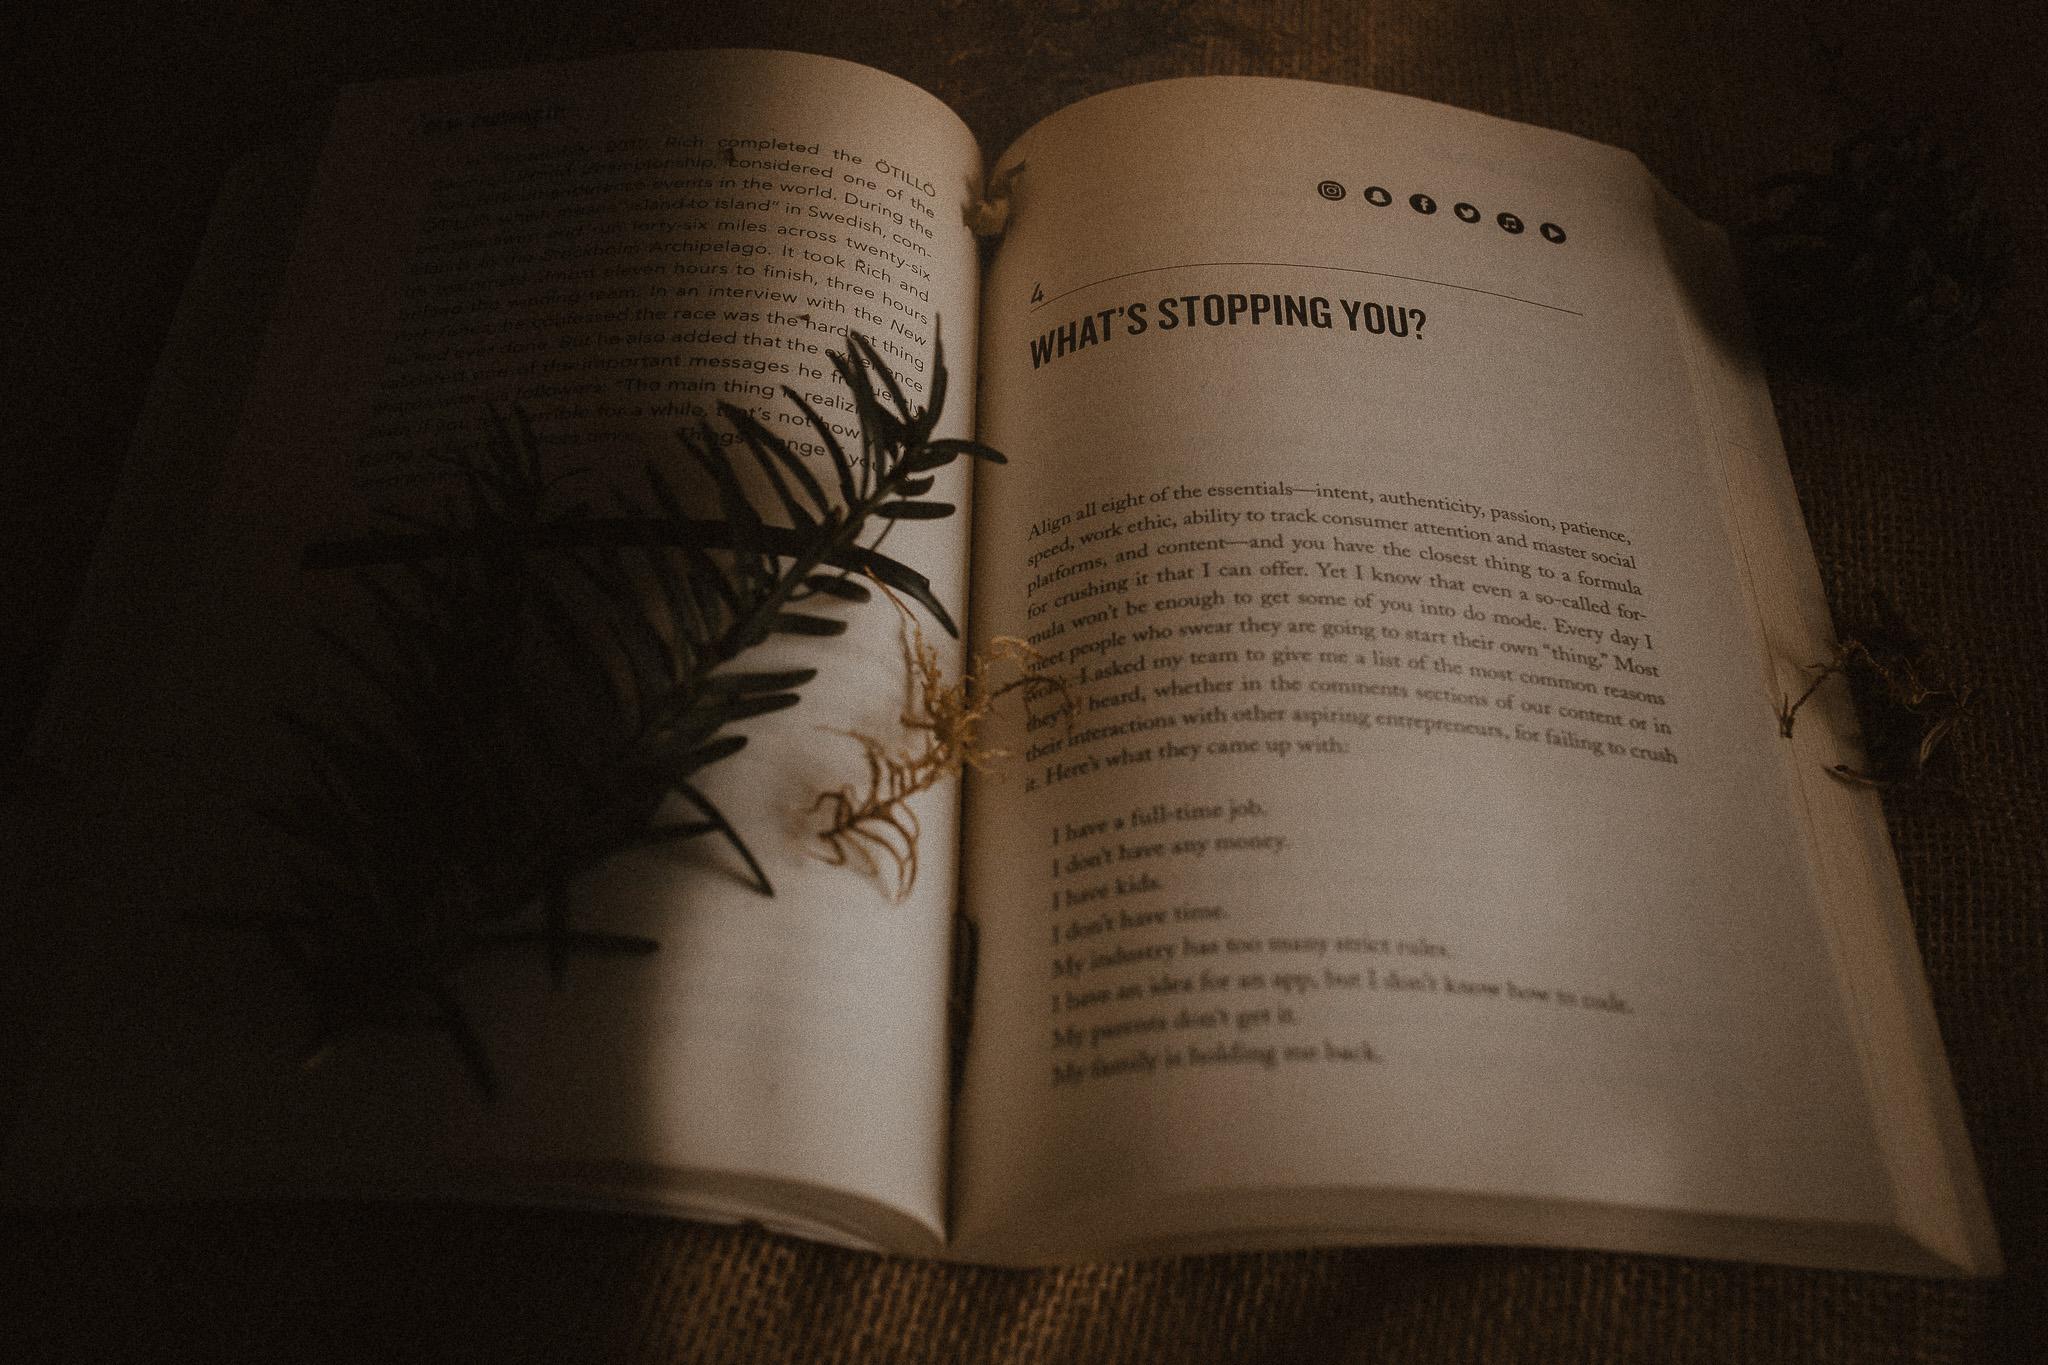 Ksiazki-warte-przeczytania-2.jpg